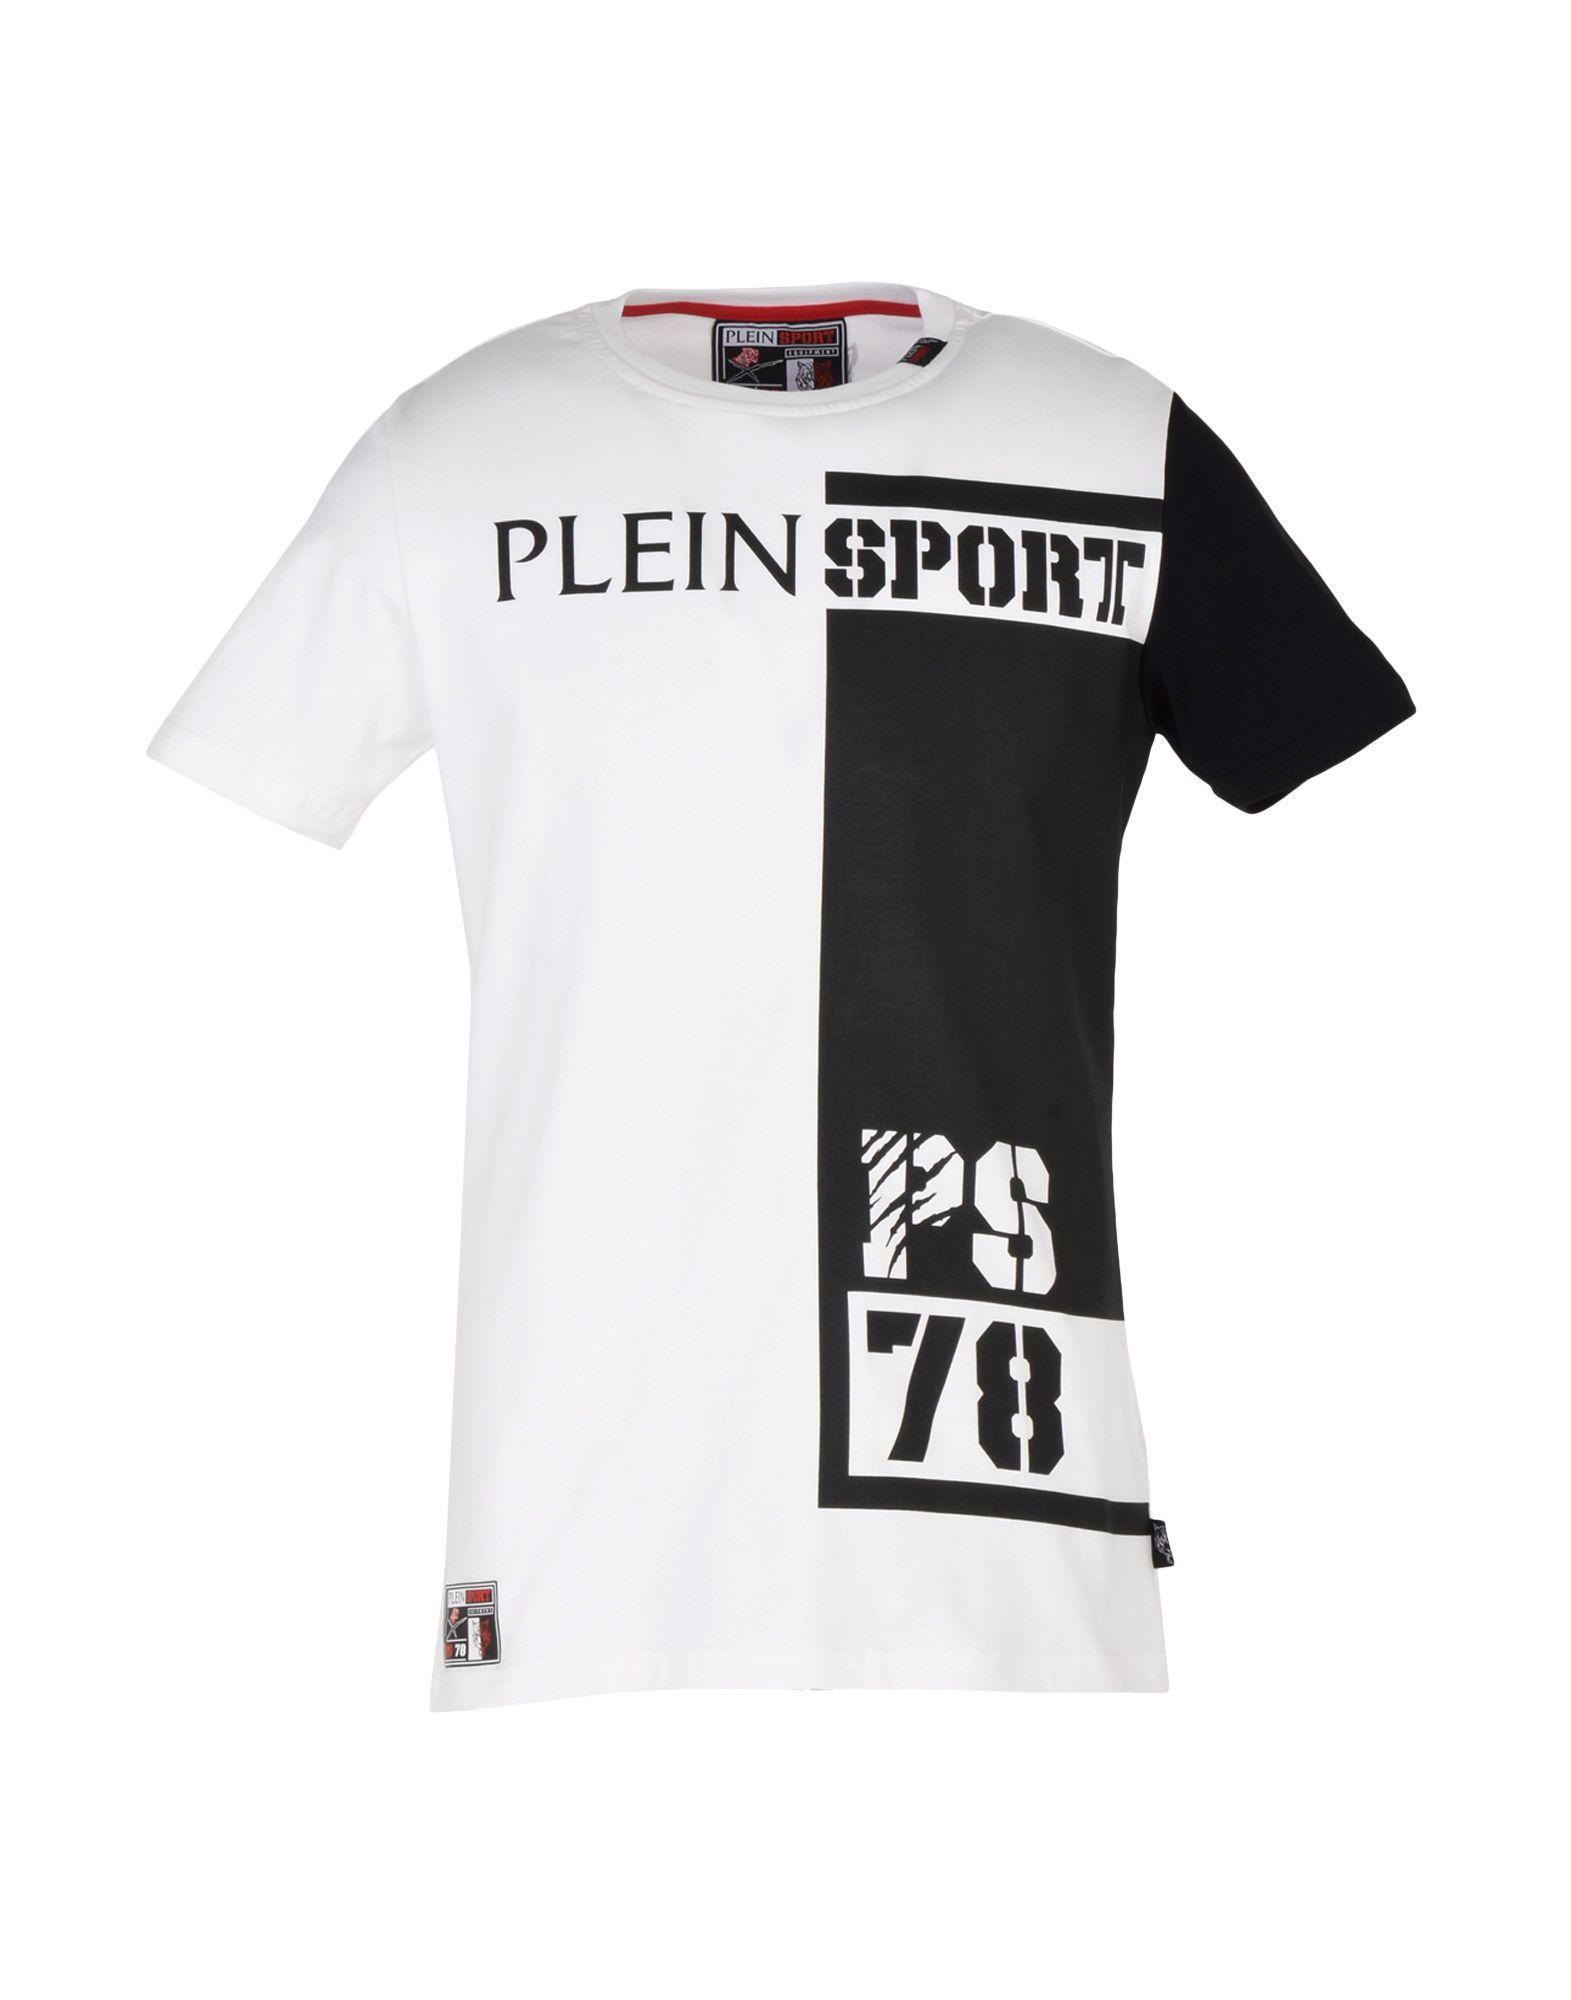 ee63cbf0 Plein Sport Men - Plein Sport Activewear - YOOX United States